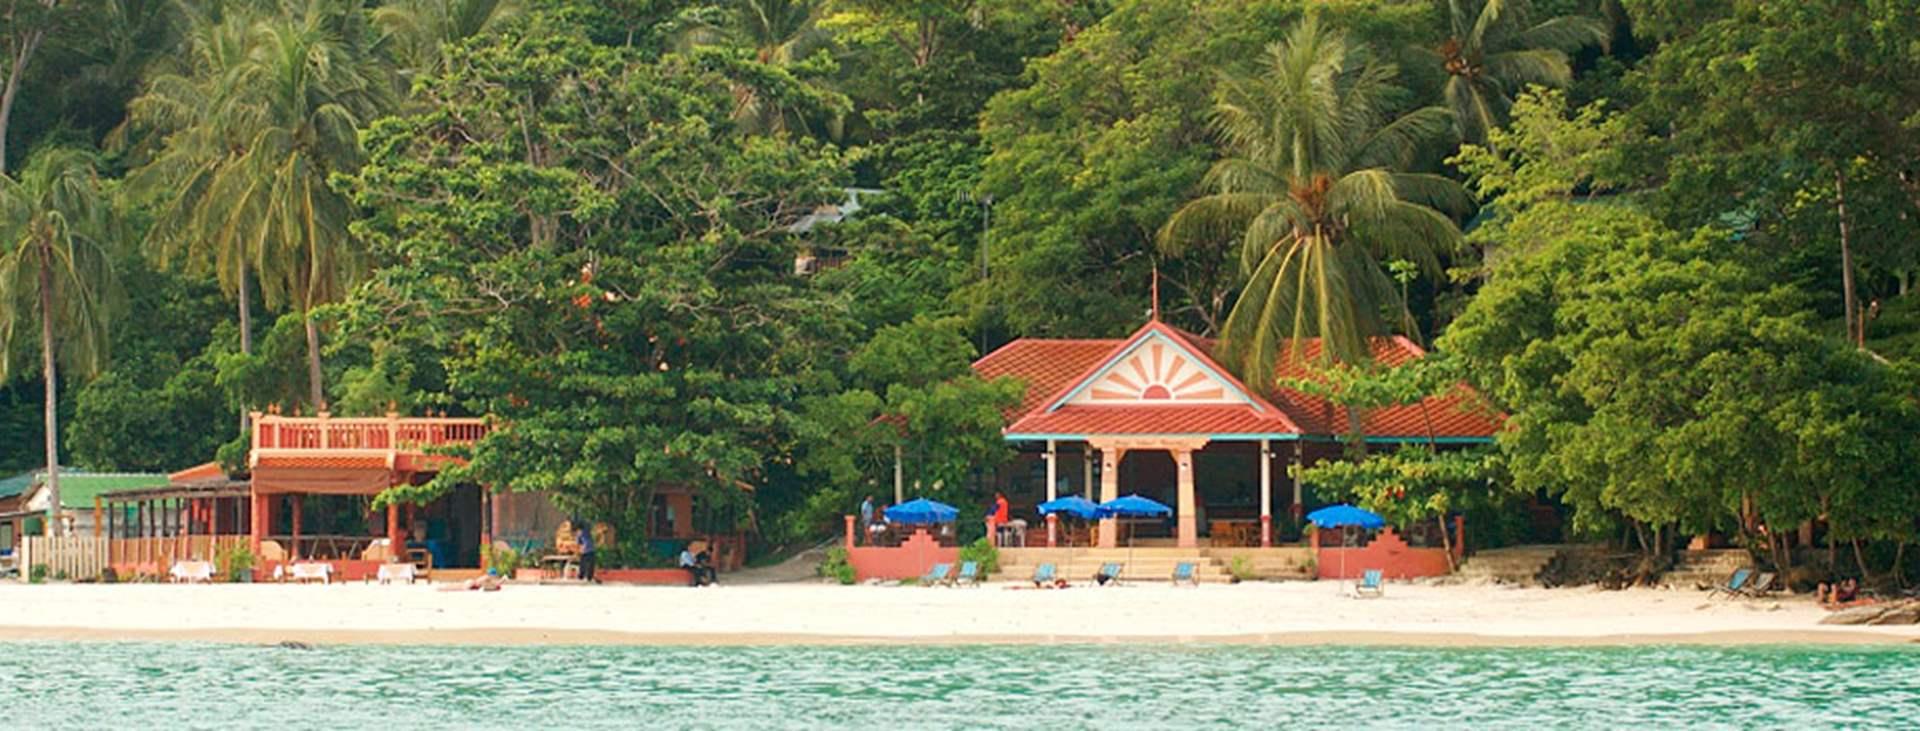 Lige nu er liggestole, barer og anden kommerciel virksomhed fjernet fra alle strande i Thailand. Du kan læse mere i rejsemålsbeskrivelsen.